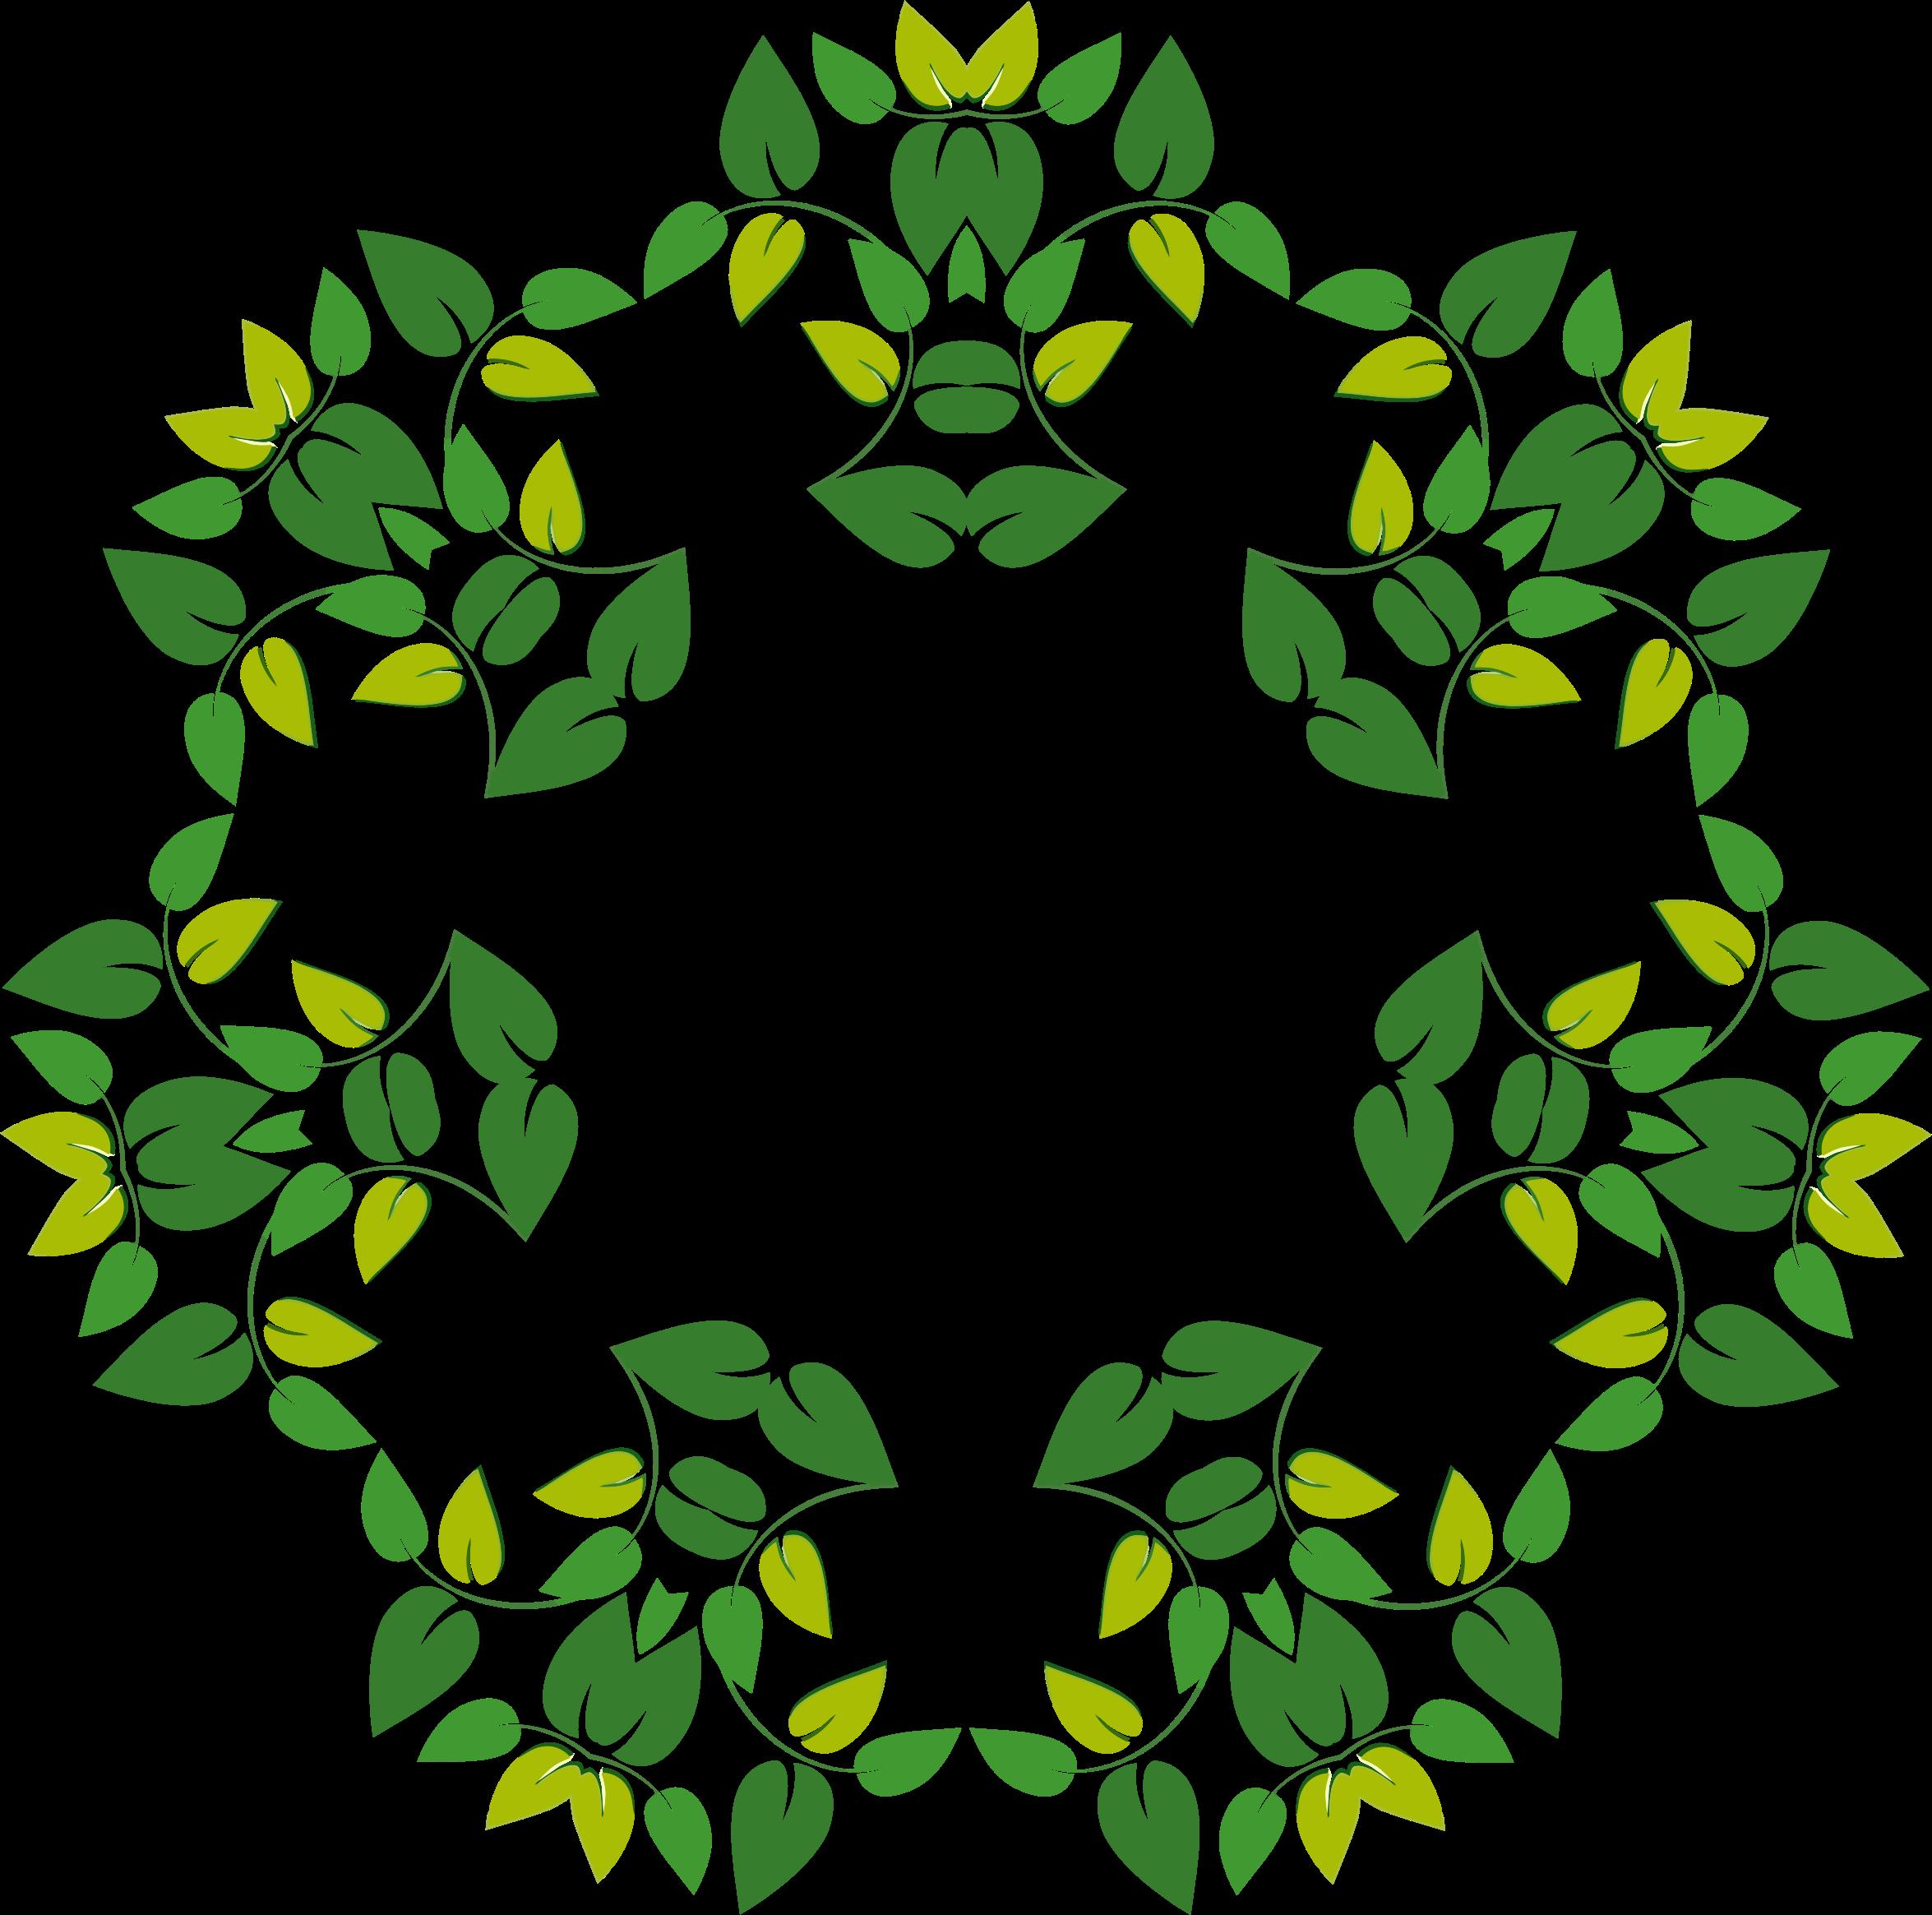 Leaf clipart leafy greens. Design big image png